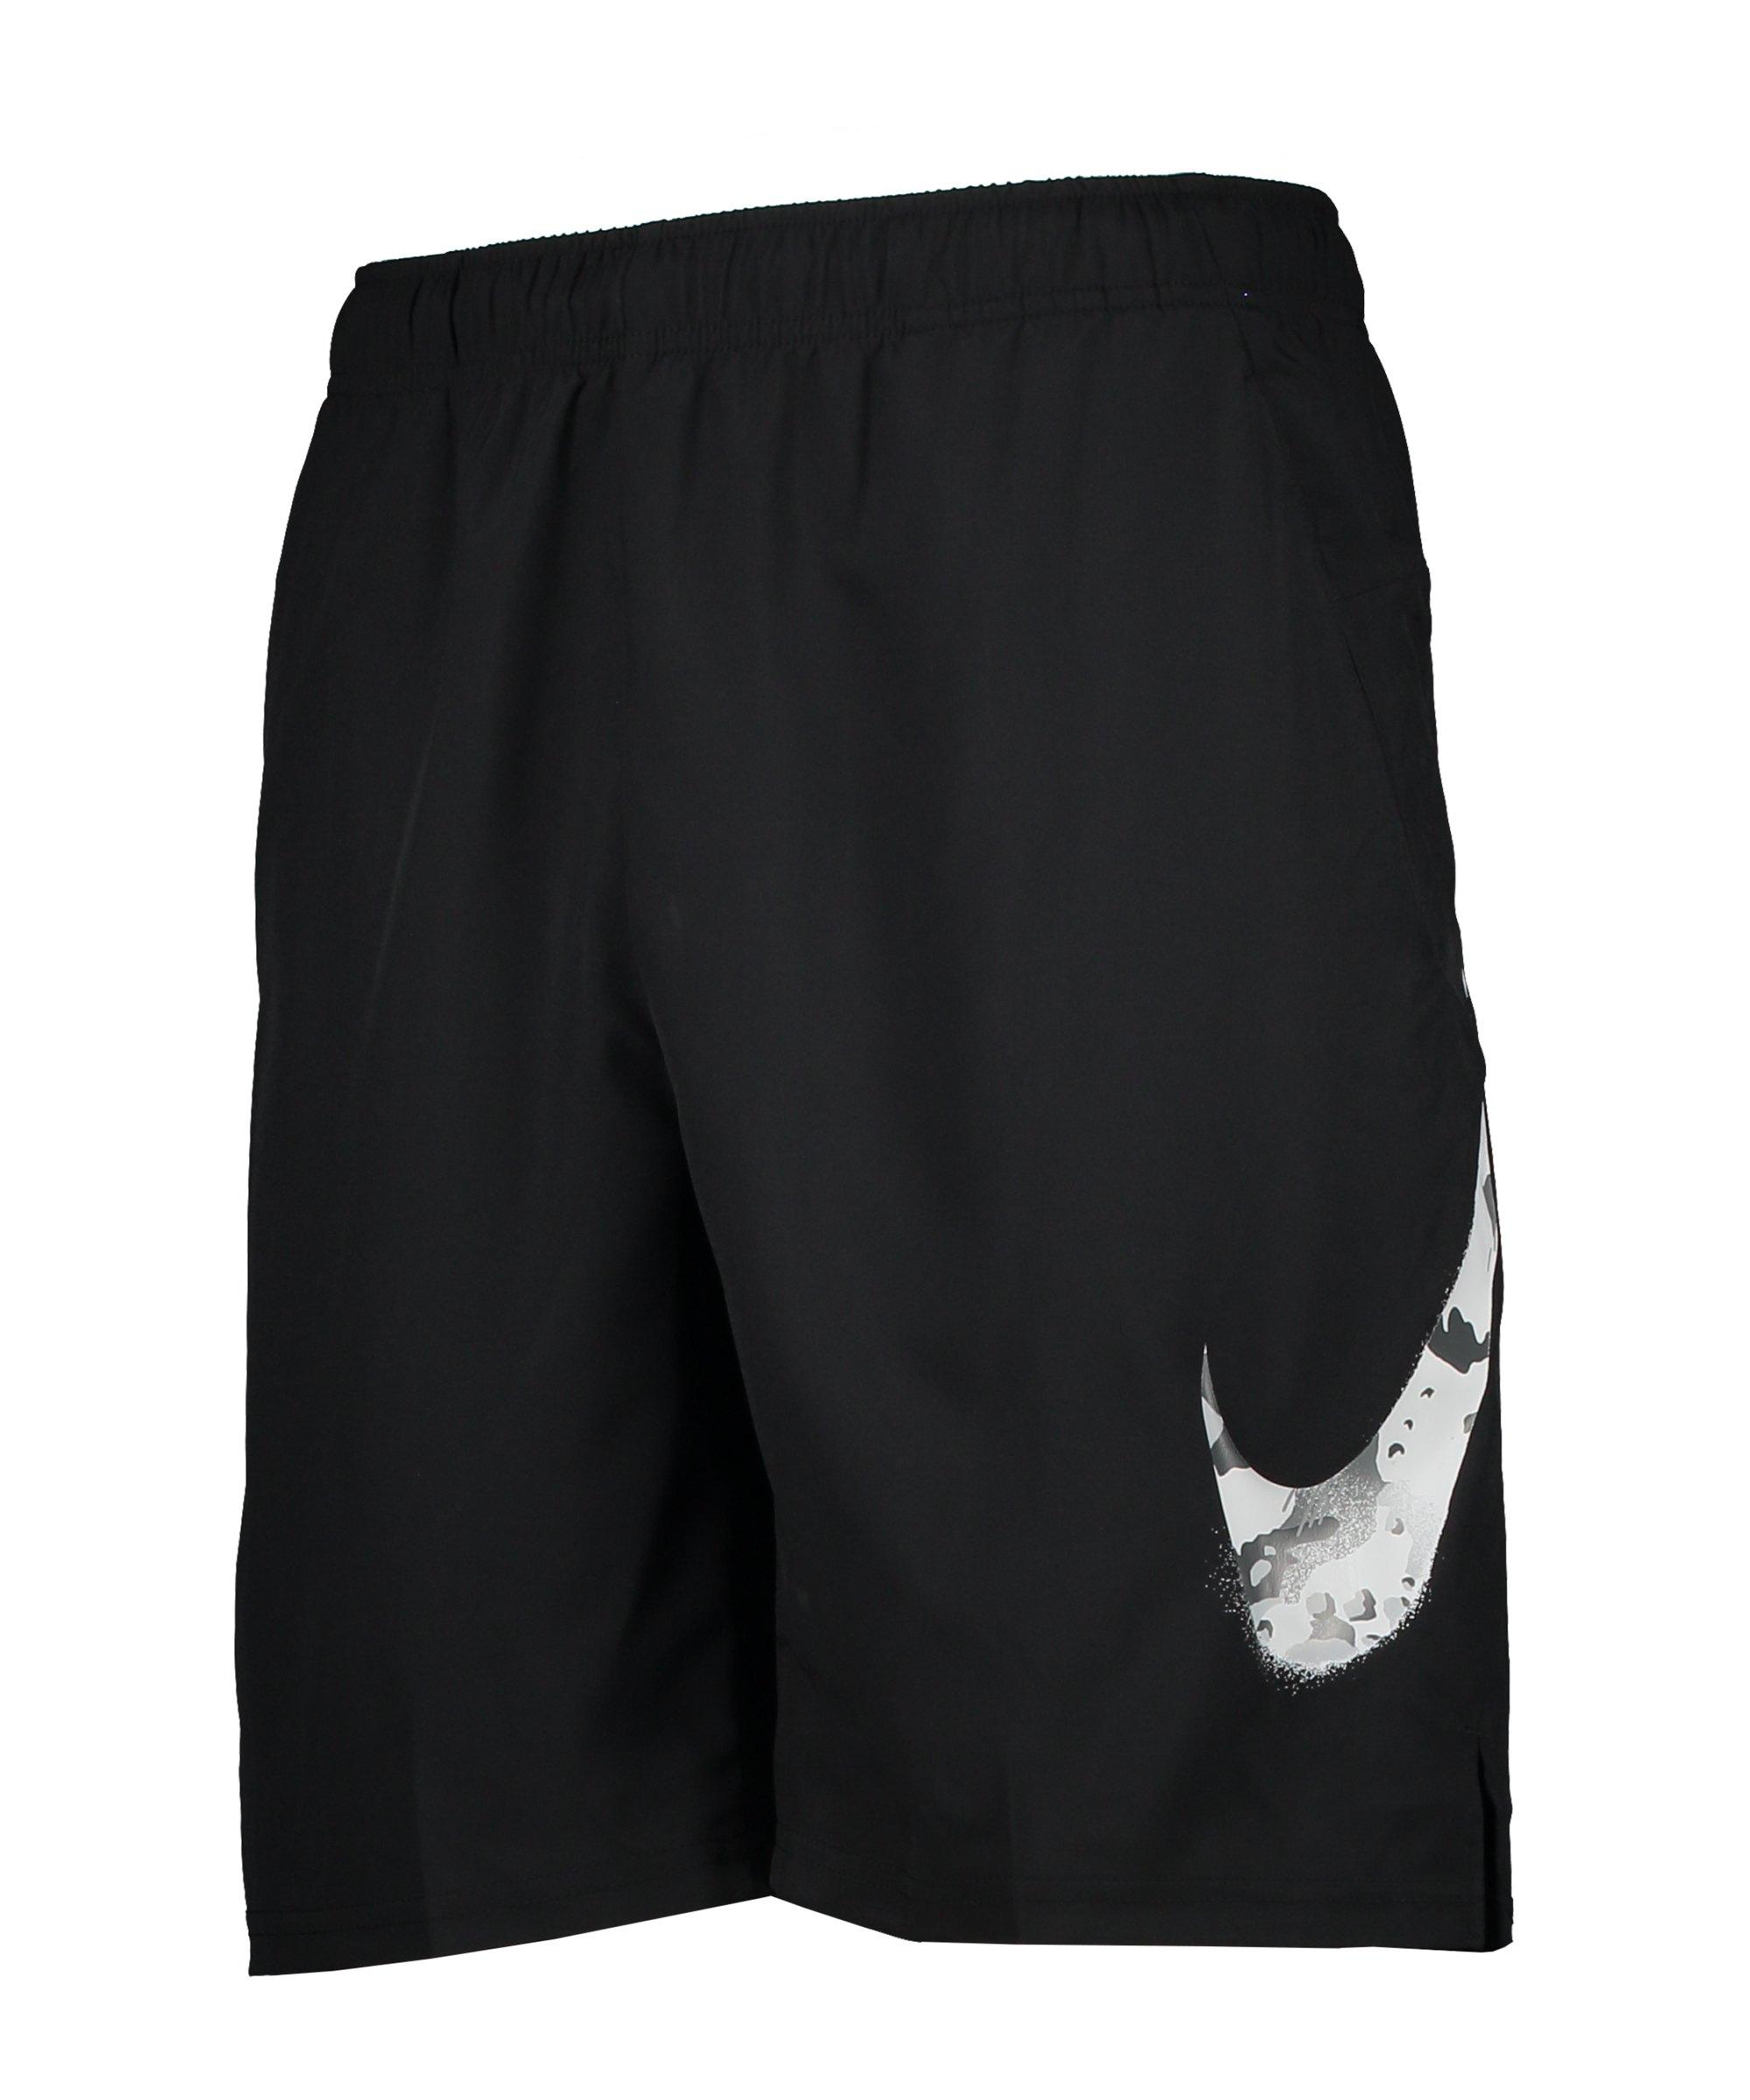 Nike Camo Short Schwarz F010 - schwarz